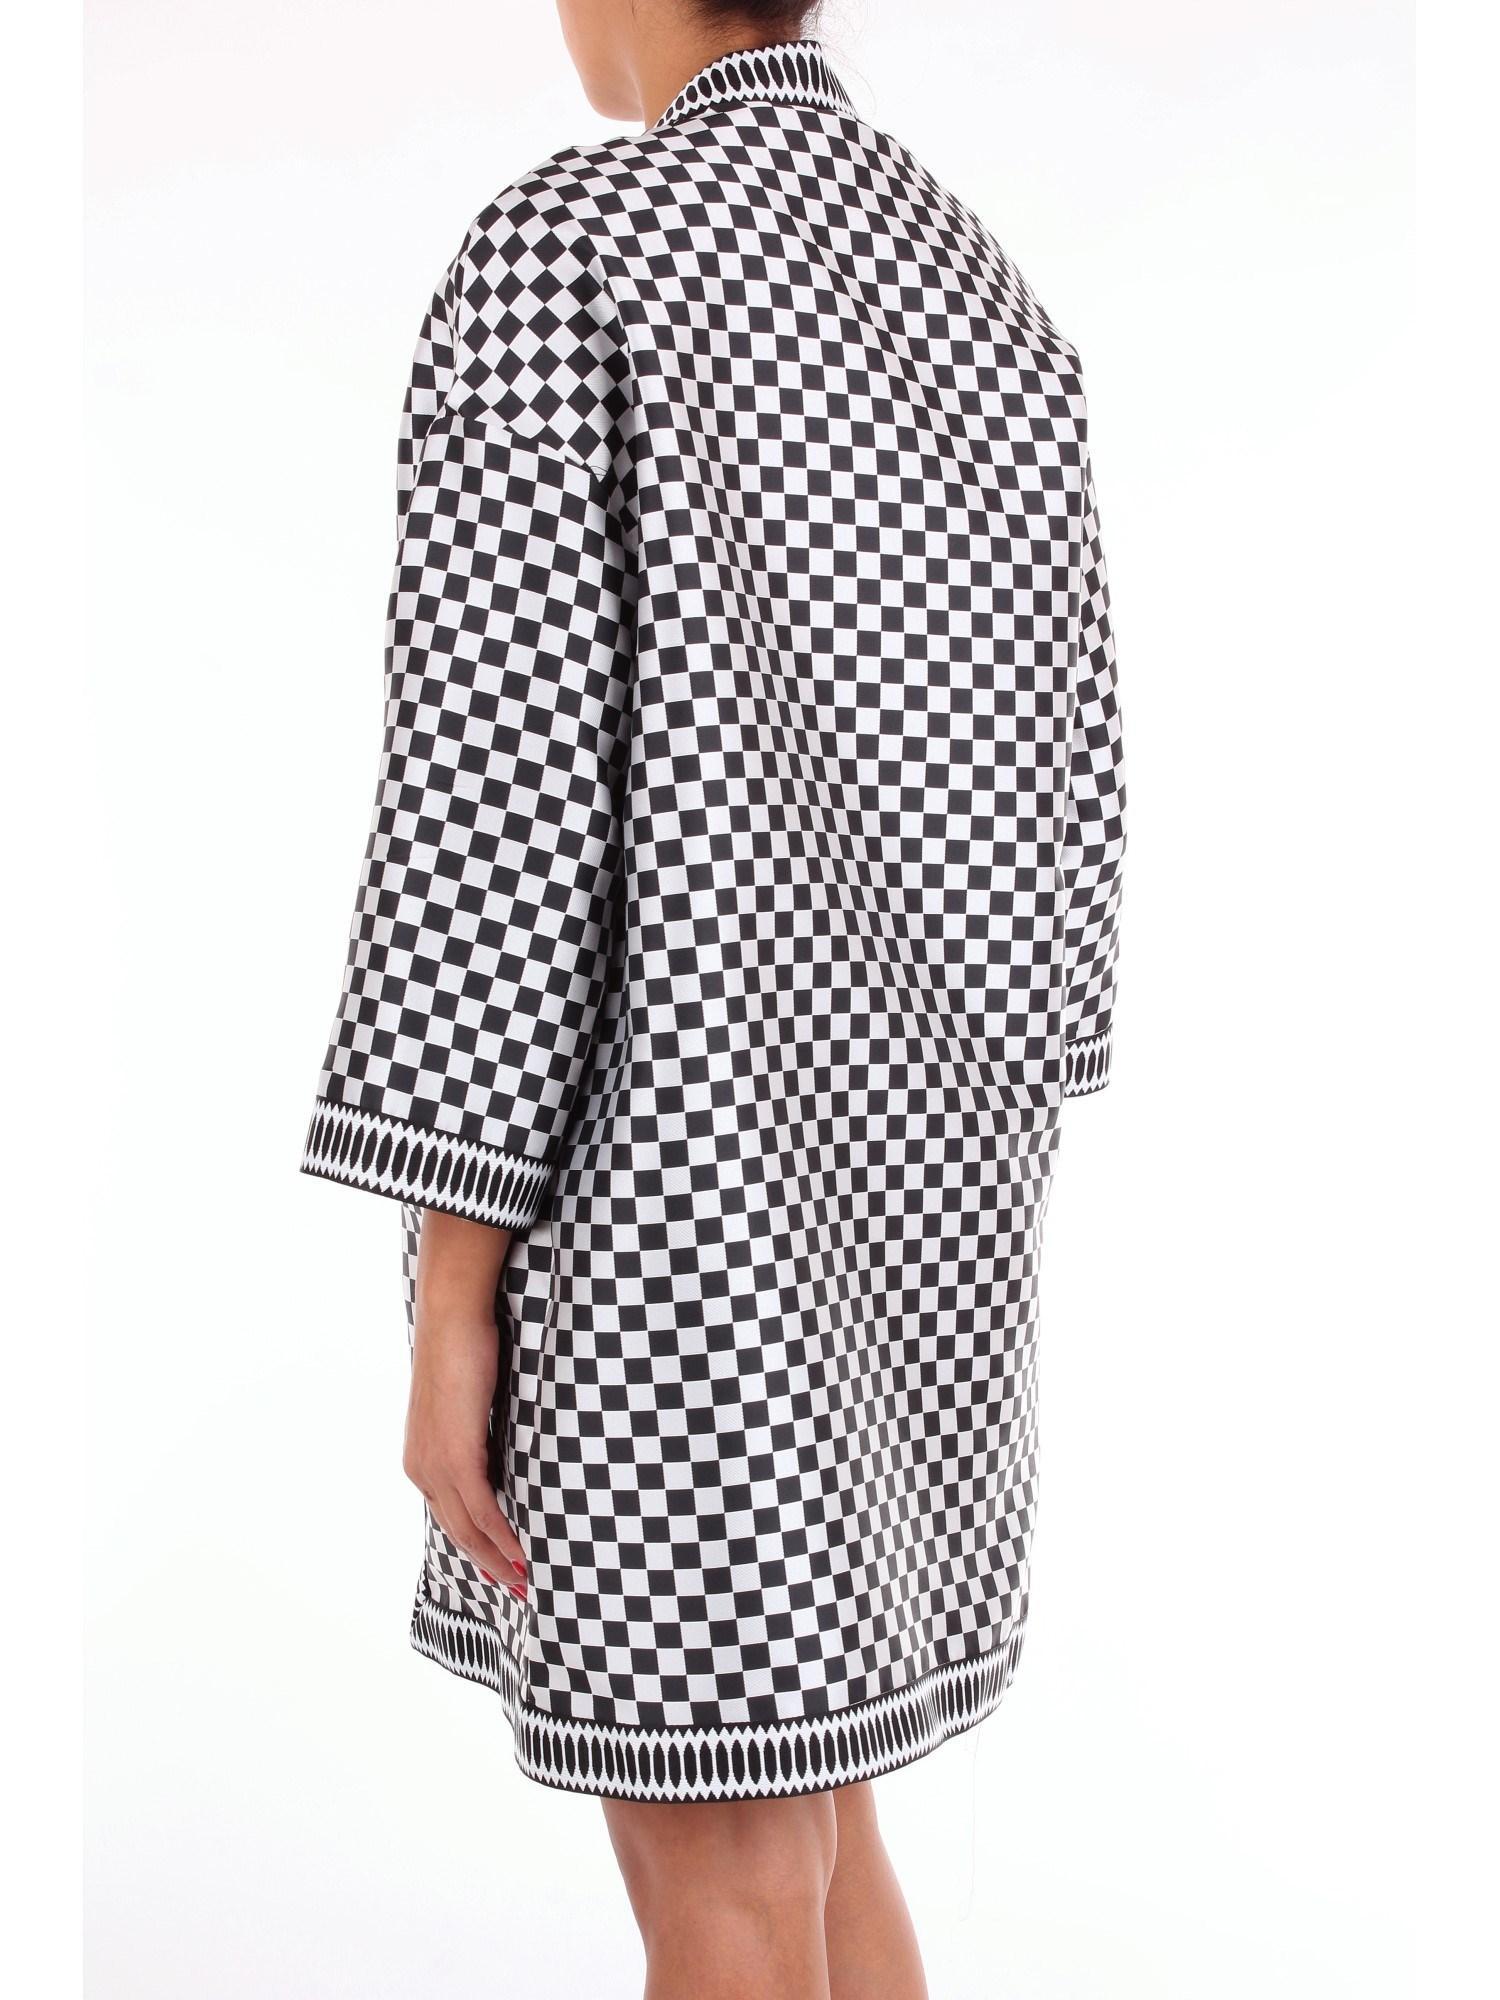 Vêtements d'extérieur court Clips en coloris Noir 6OPja